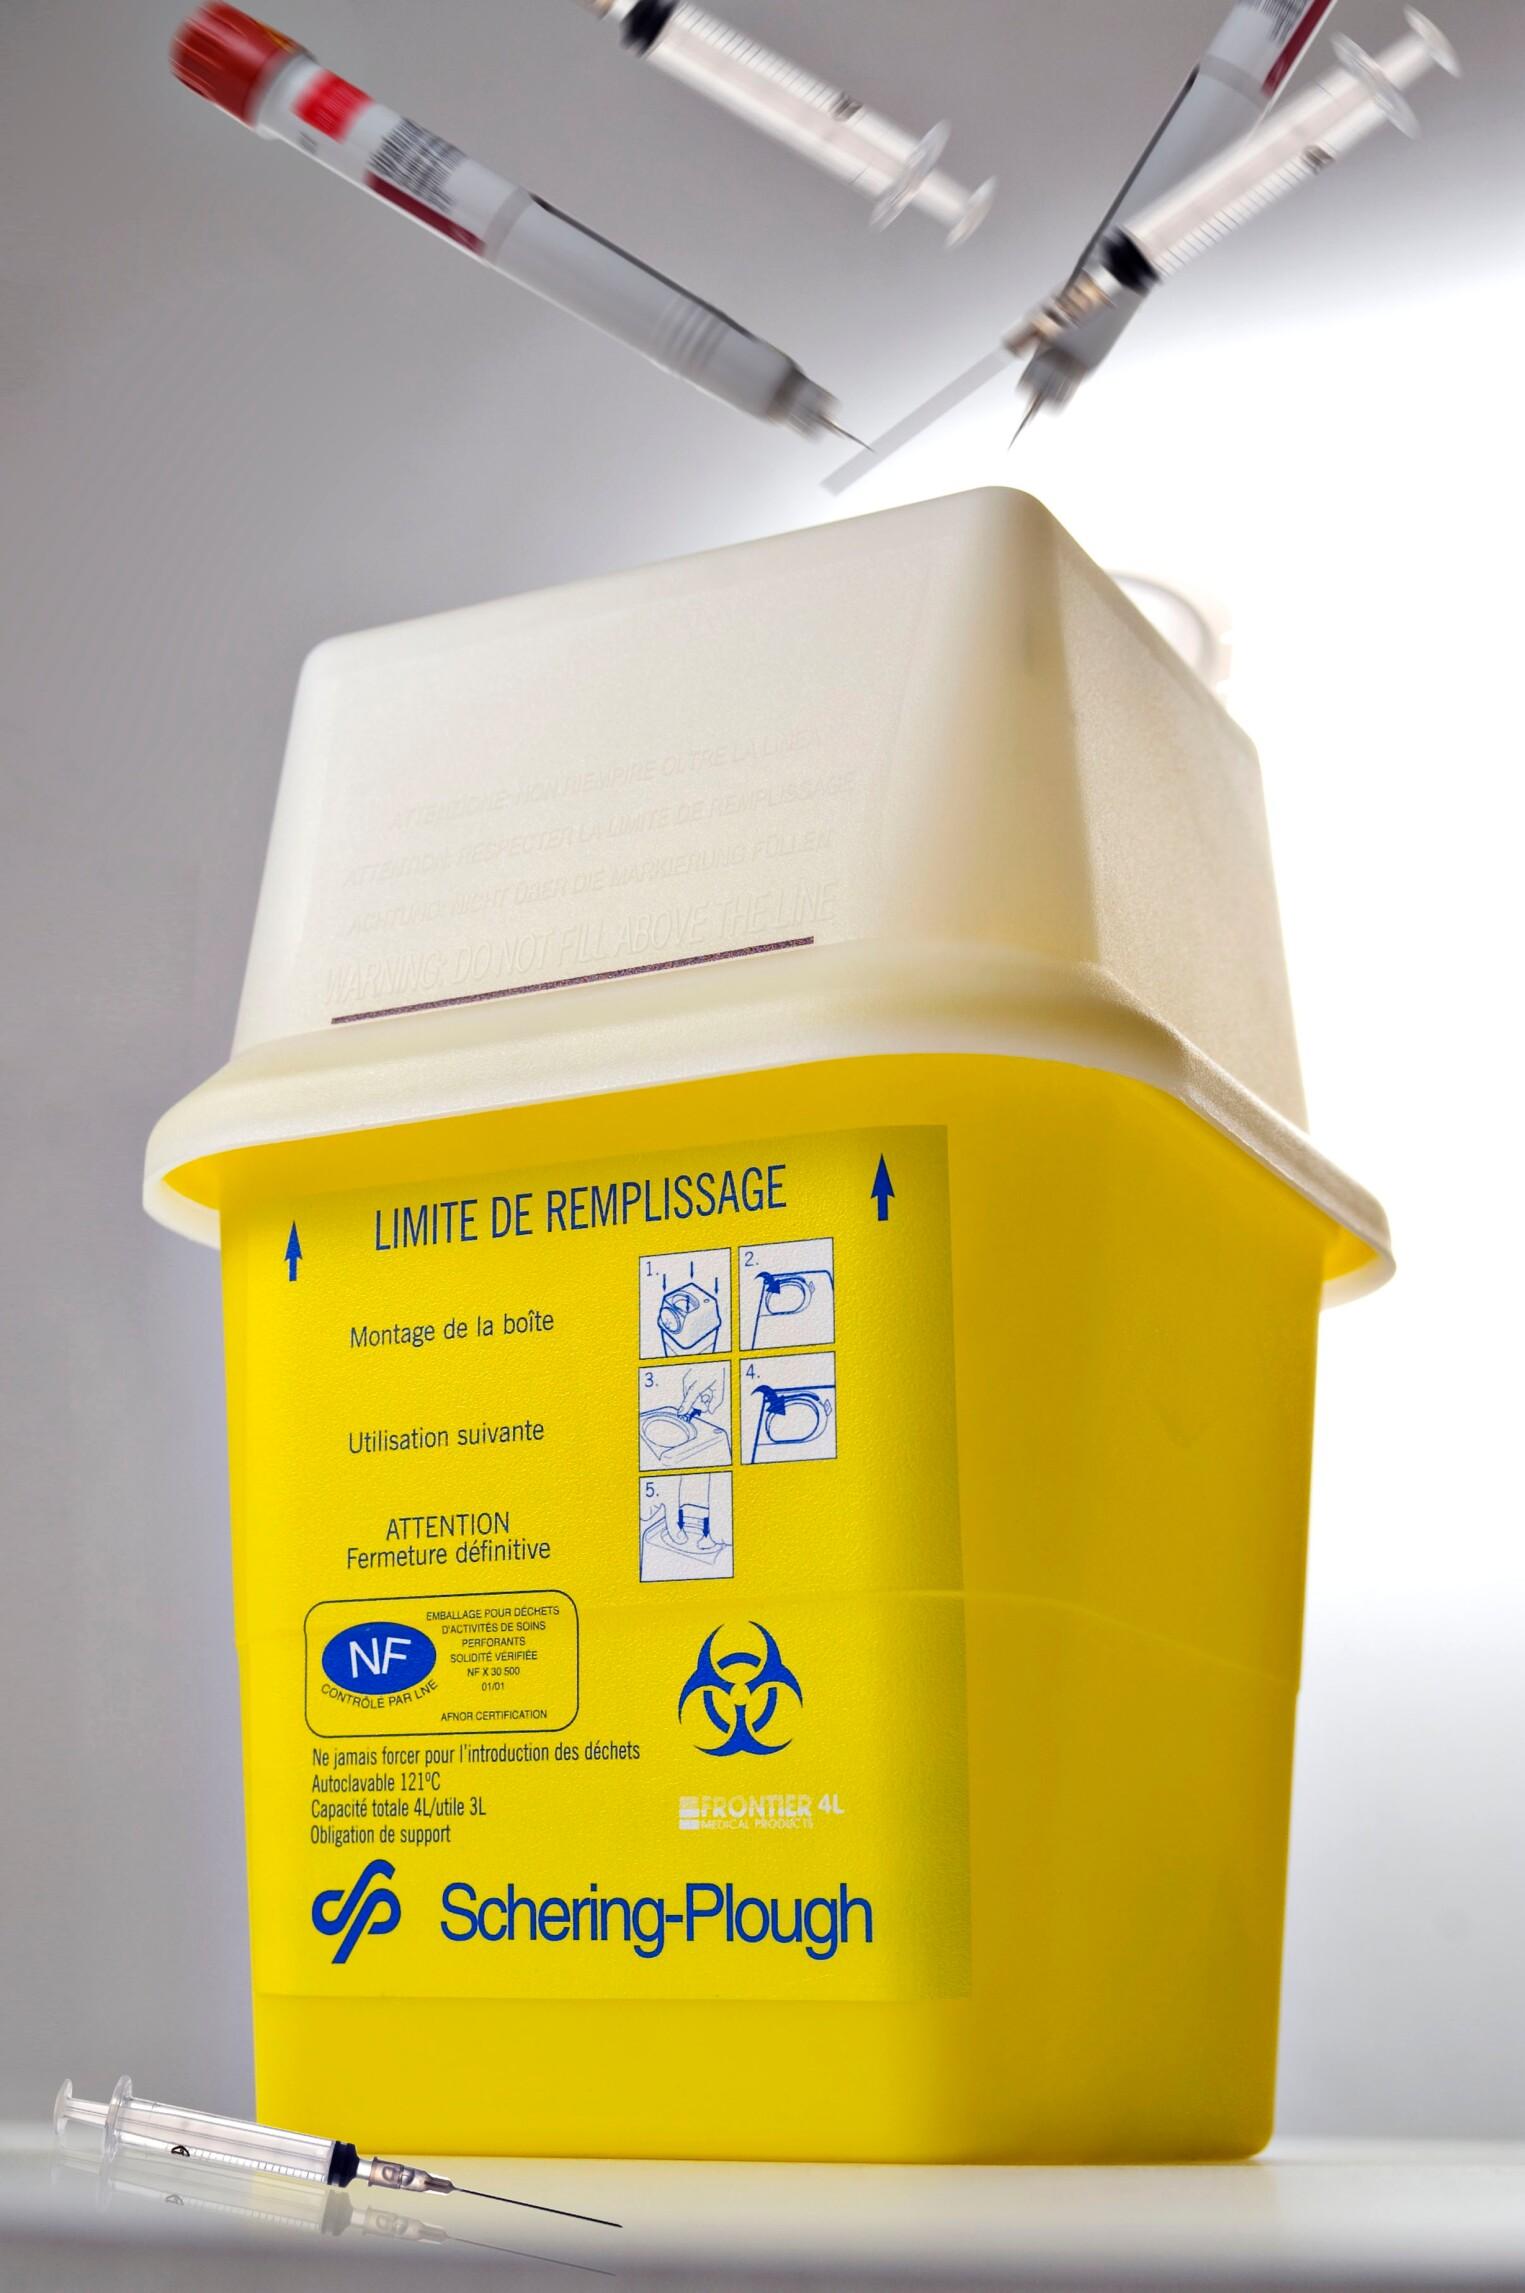 Usos del plástico en envases y empaques de uso médico